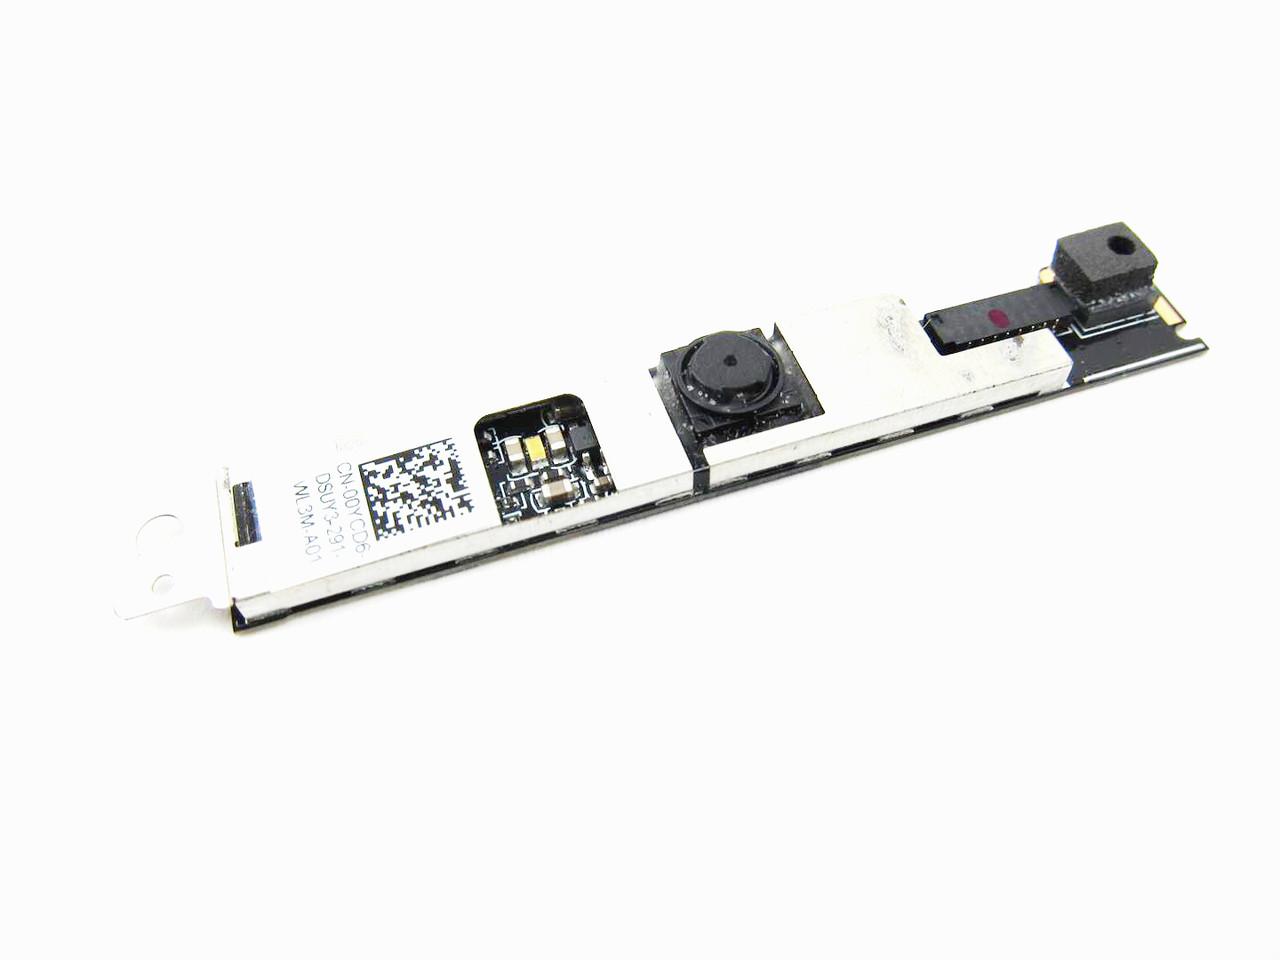 Dell Inspiron 17R 5720 / 7720 / 15R 5520 / 7520 Webcam